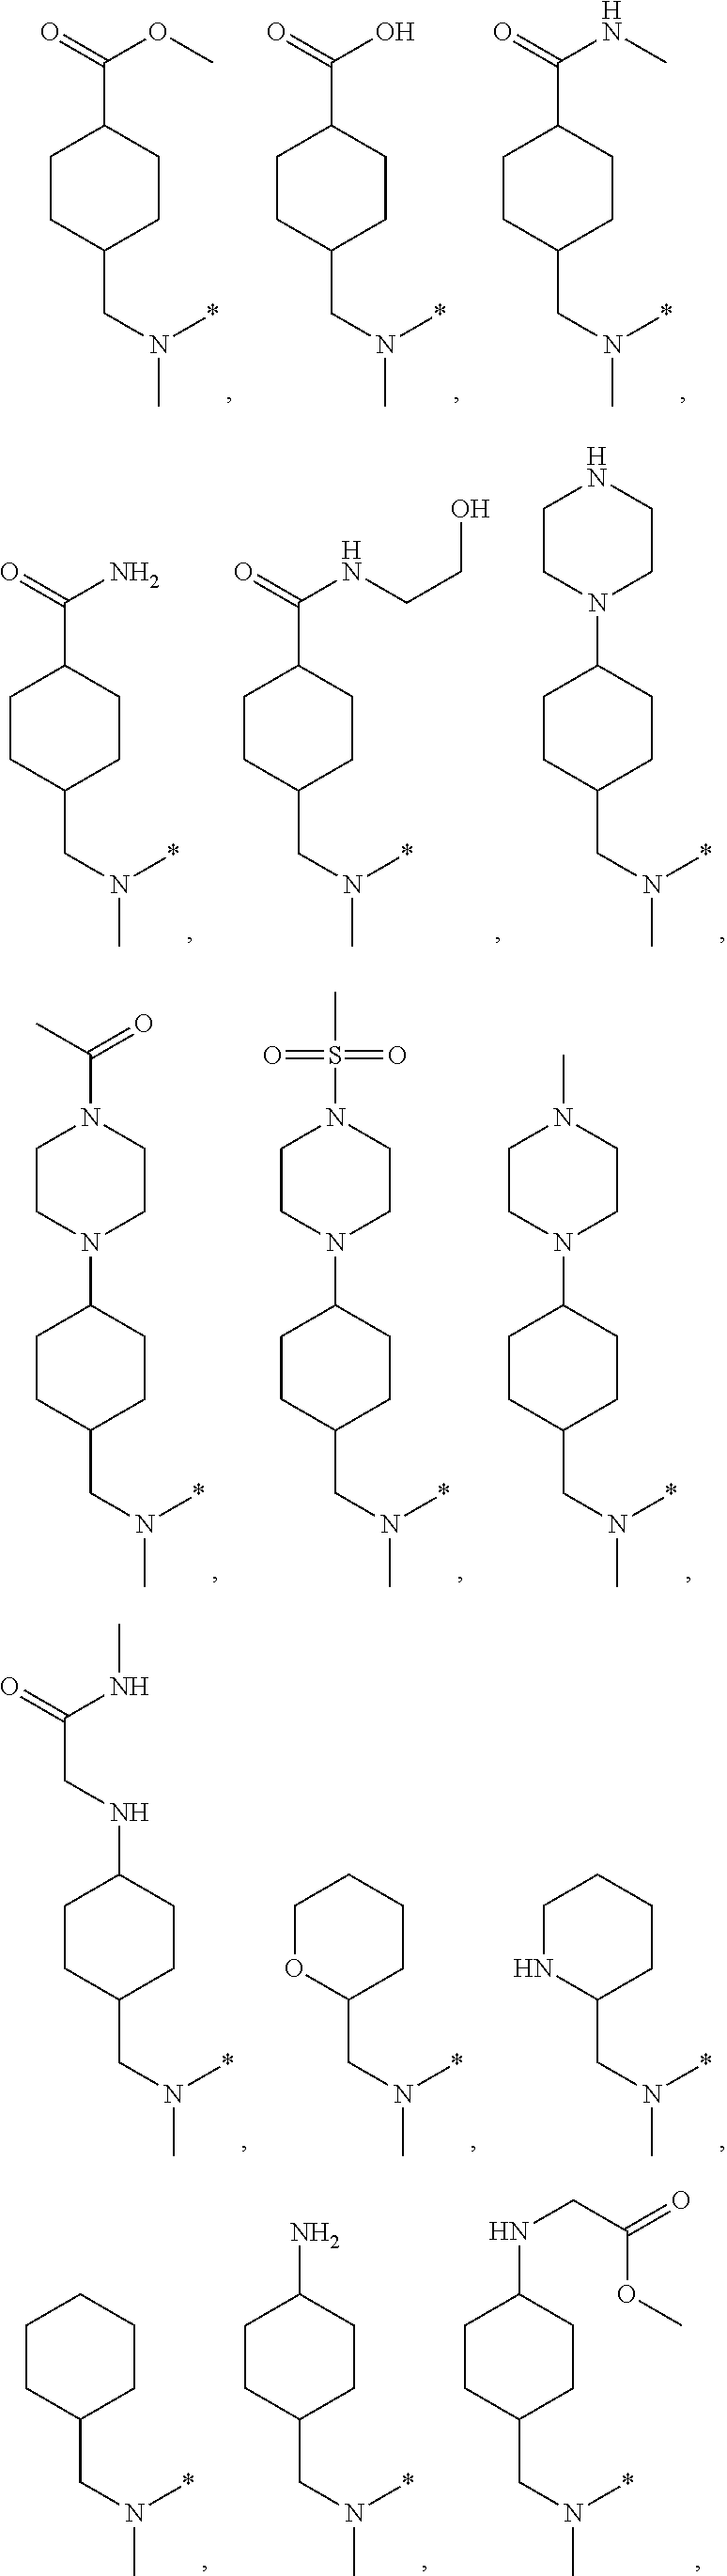 Figure US08440693-20130514-C00034